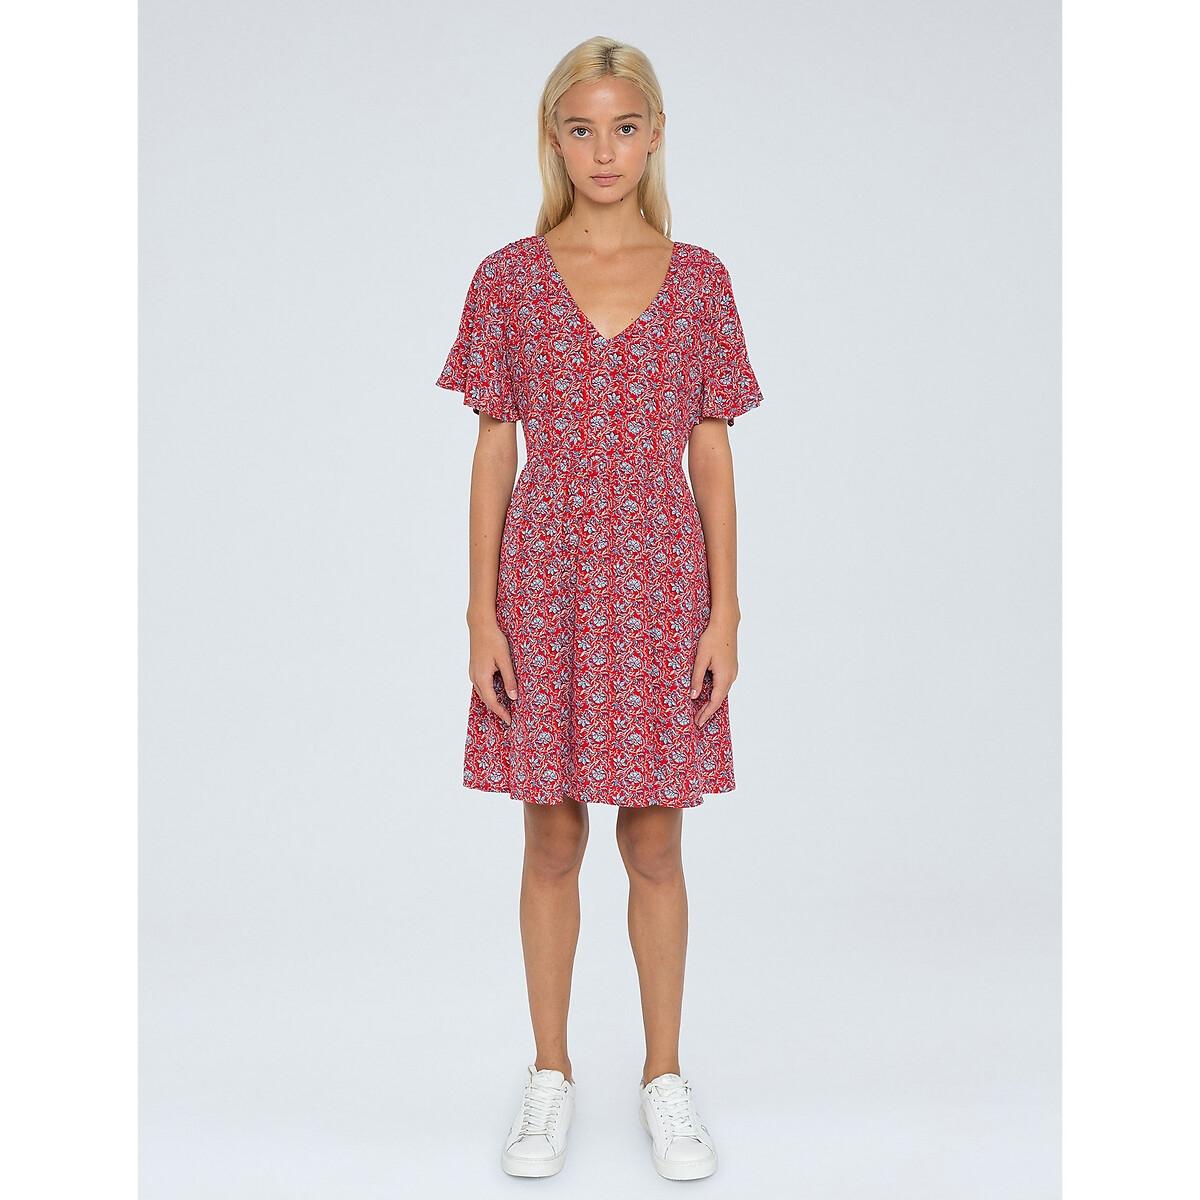 Платье LaRedoute Короткое с рисунком V-образным вырезом и короткими рукавами L красный пуловер laredoute с короткими рукавами с бантиком сзади xl красный